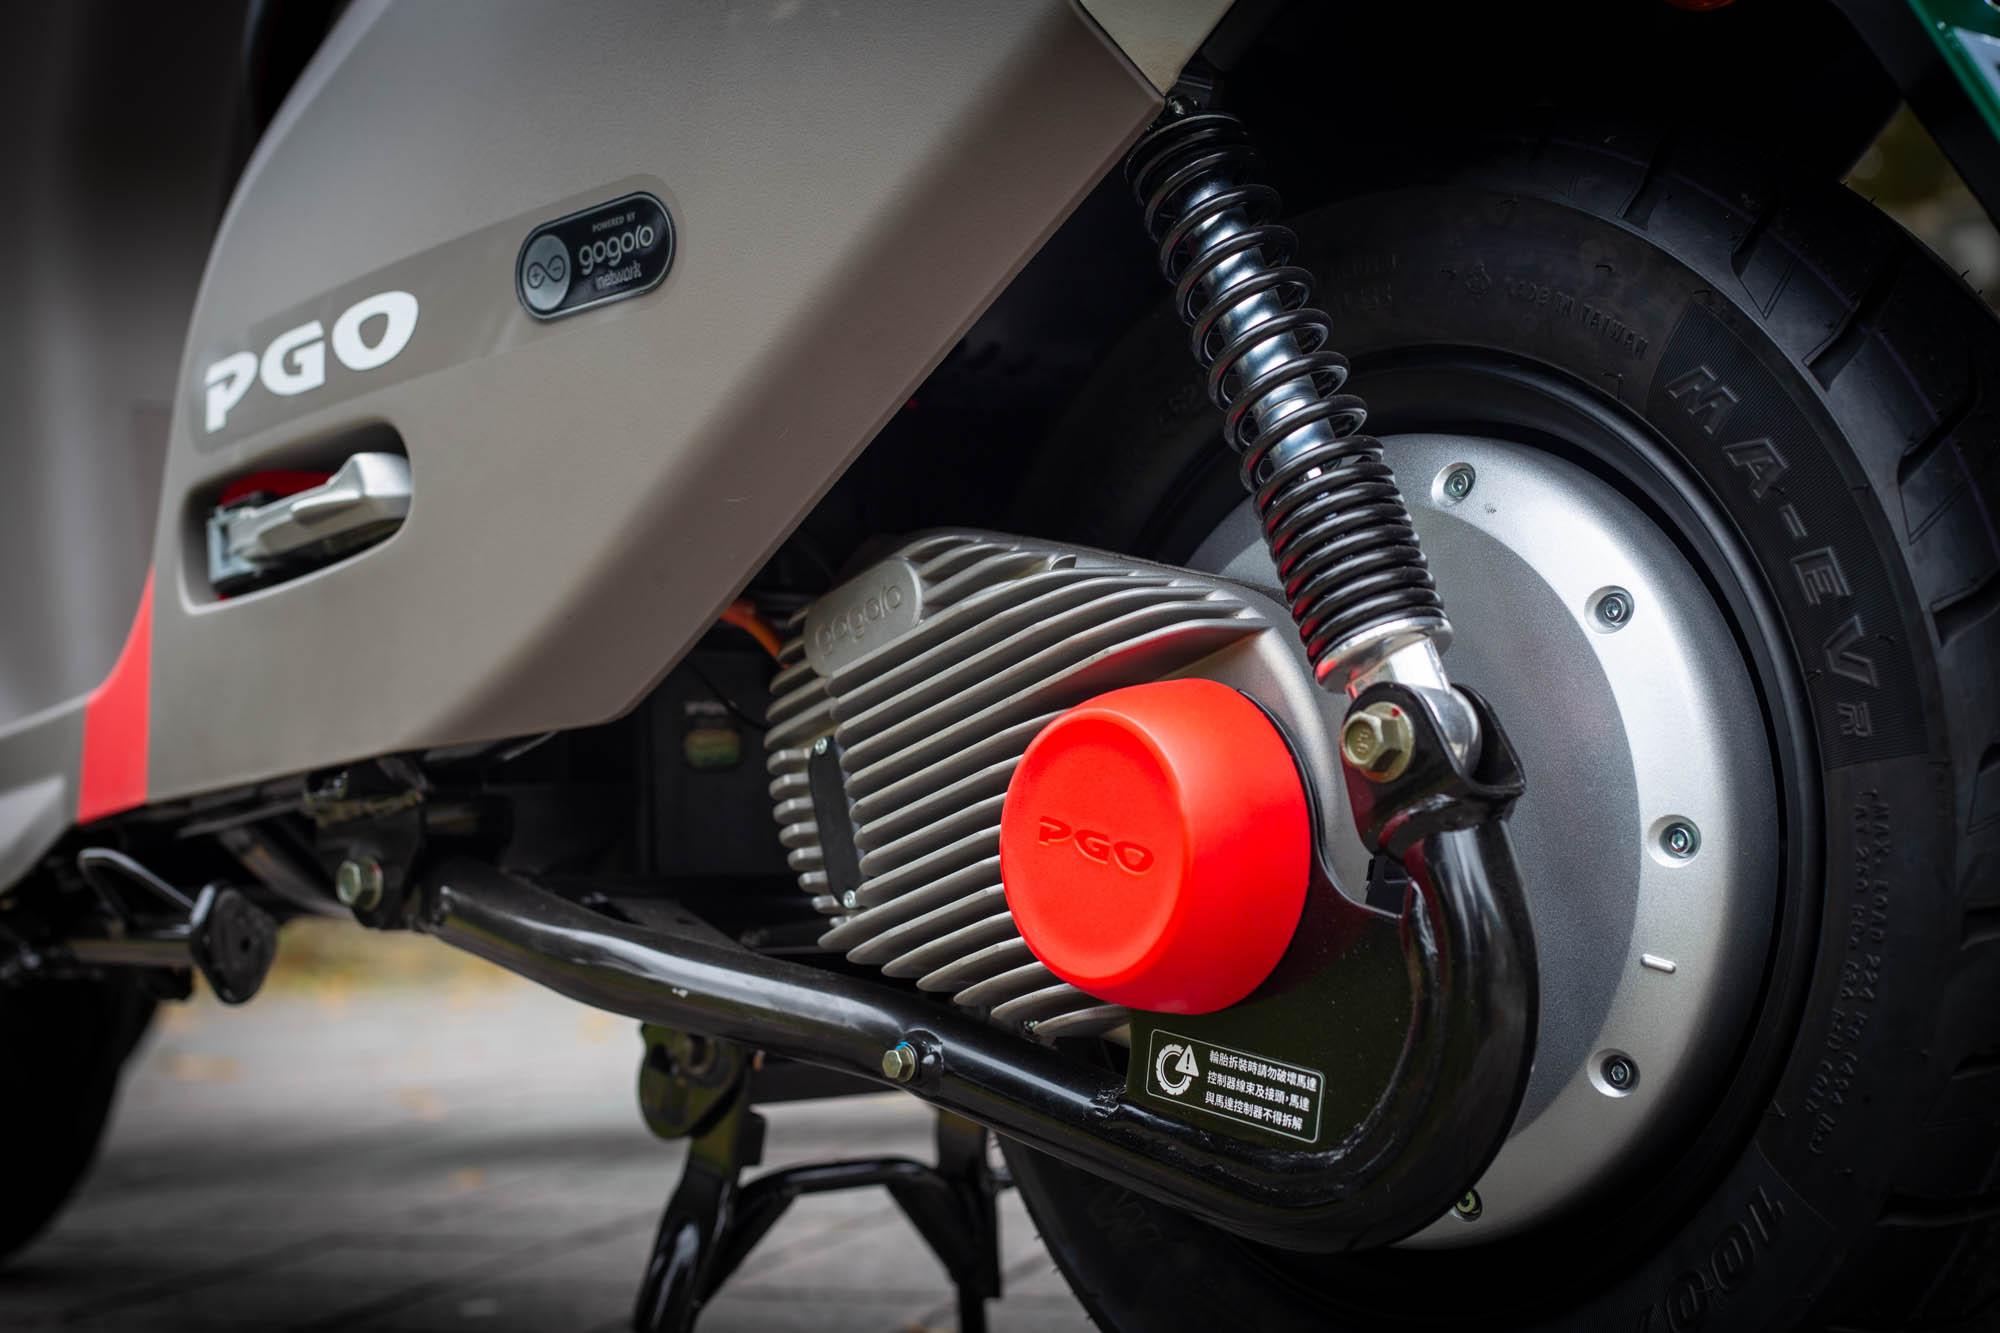 搭載 GH1 鋁合金輪轂馬達,提供 4.02hp/500rpm 最大馬力與 115Nm/200rpm 最大扭力。